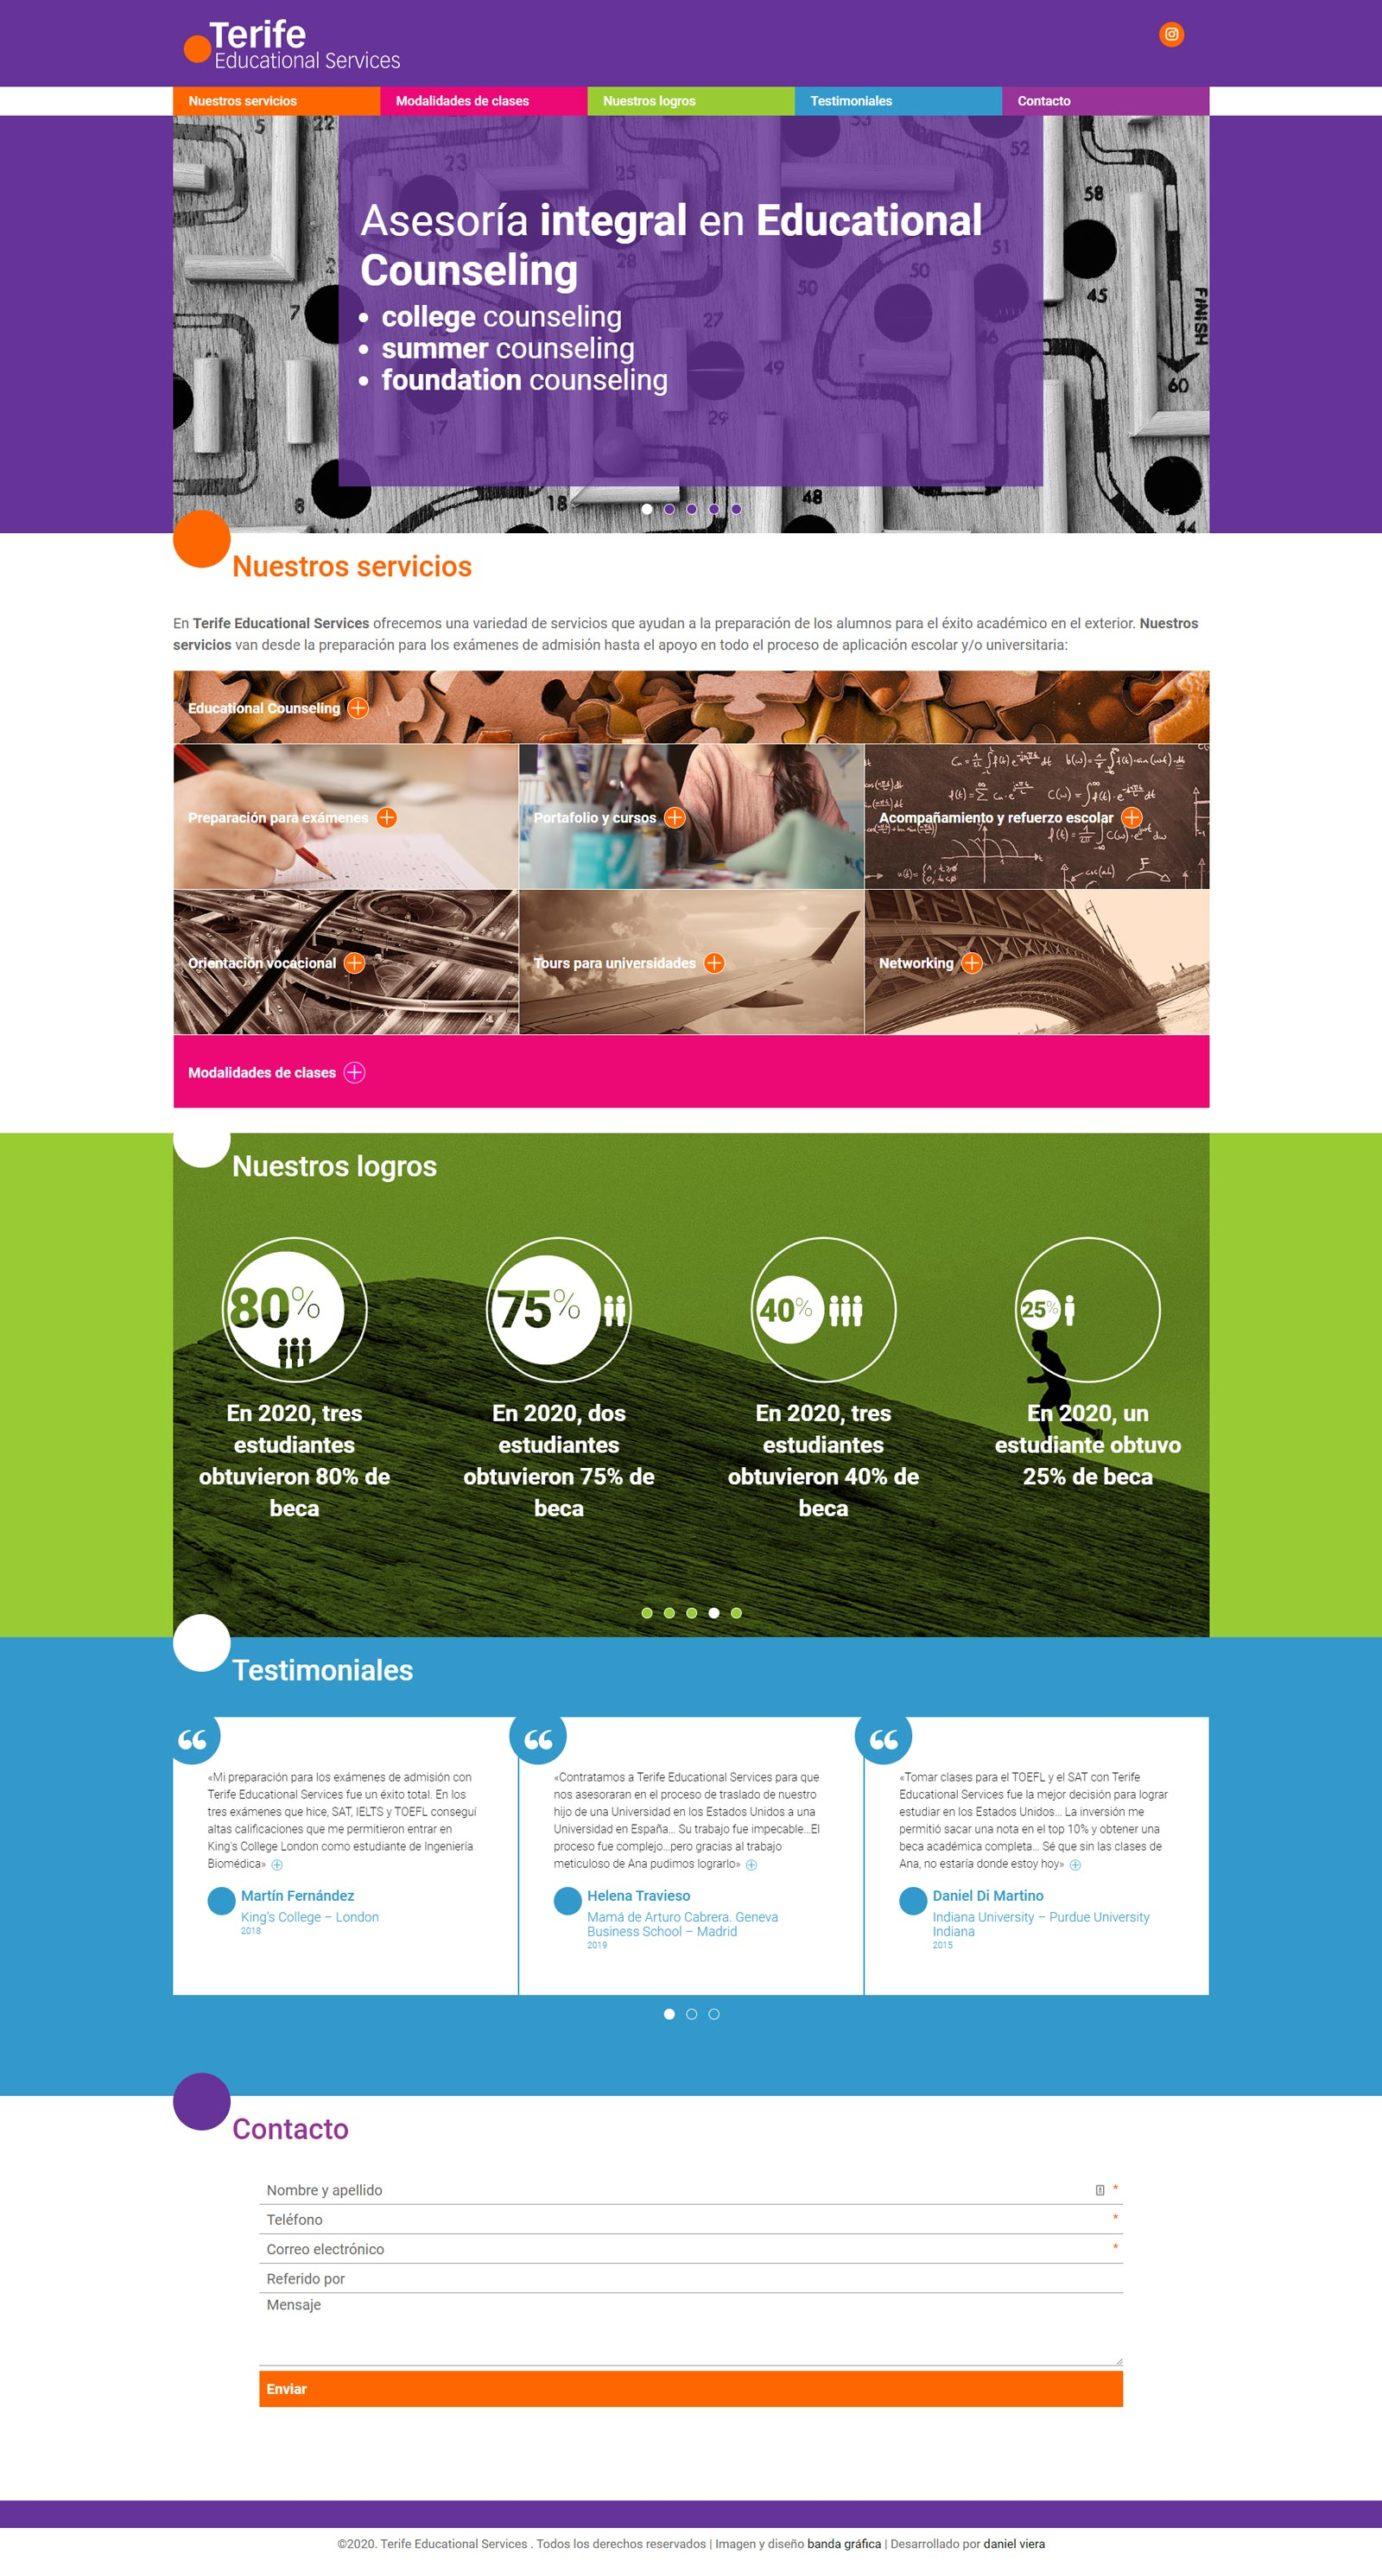 Terife Educational Services | Nuevo sitio web de empresa que ofrece servicios para ayudar a la preparación de los alumnos para el éxito académico en el exterior. Diseñado por Bandagráfica. Realizado en WordPress con bootstrap 4 y sass. Responsive, con scroll infinito y multilenguaje.